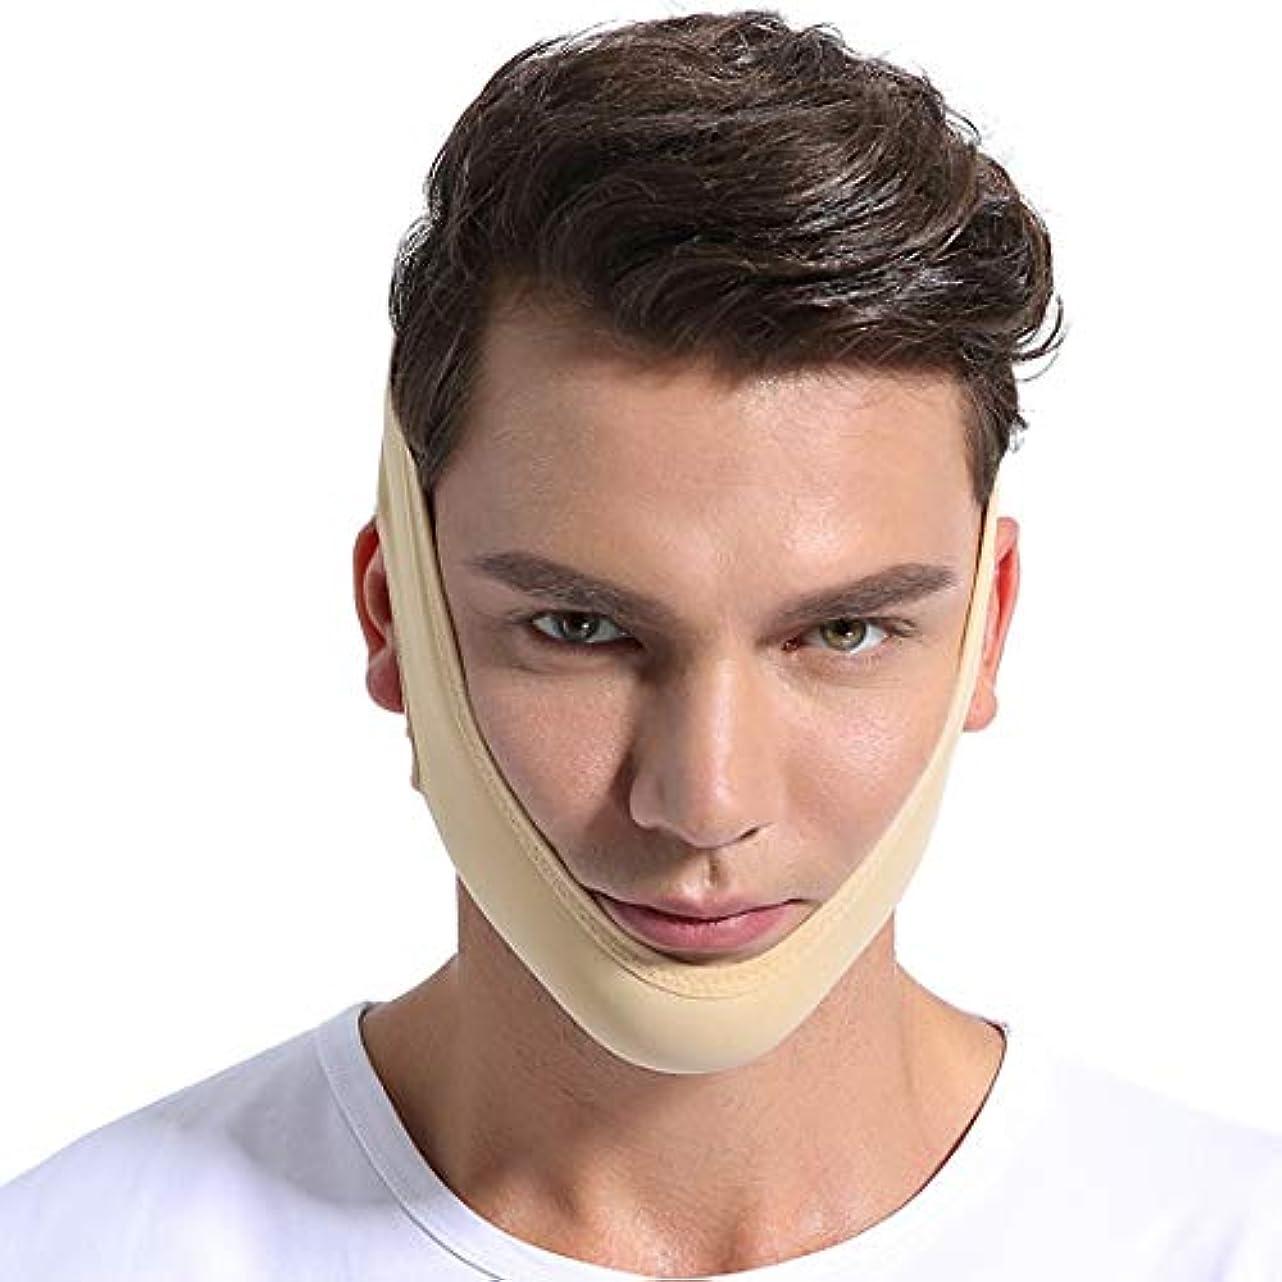 ZWBD フェイスマスク, 薄い顔包帯医療フェイスライン彫刻術後回復リフティングマスク男性の女性の顔包帯ヘッドギアv顔薄い顔アーティファクト